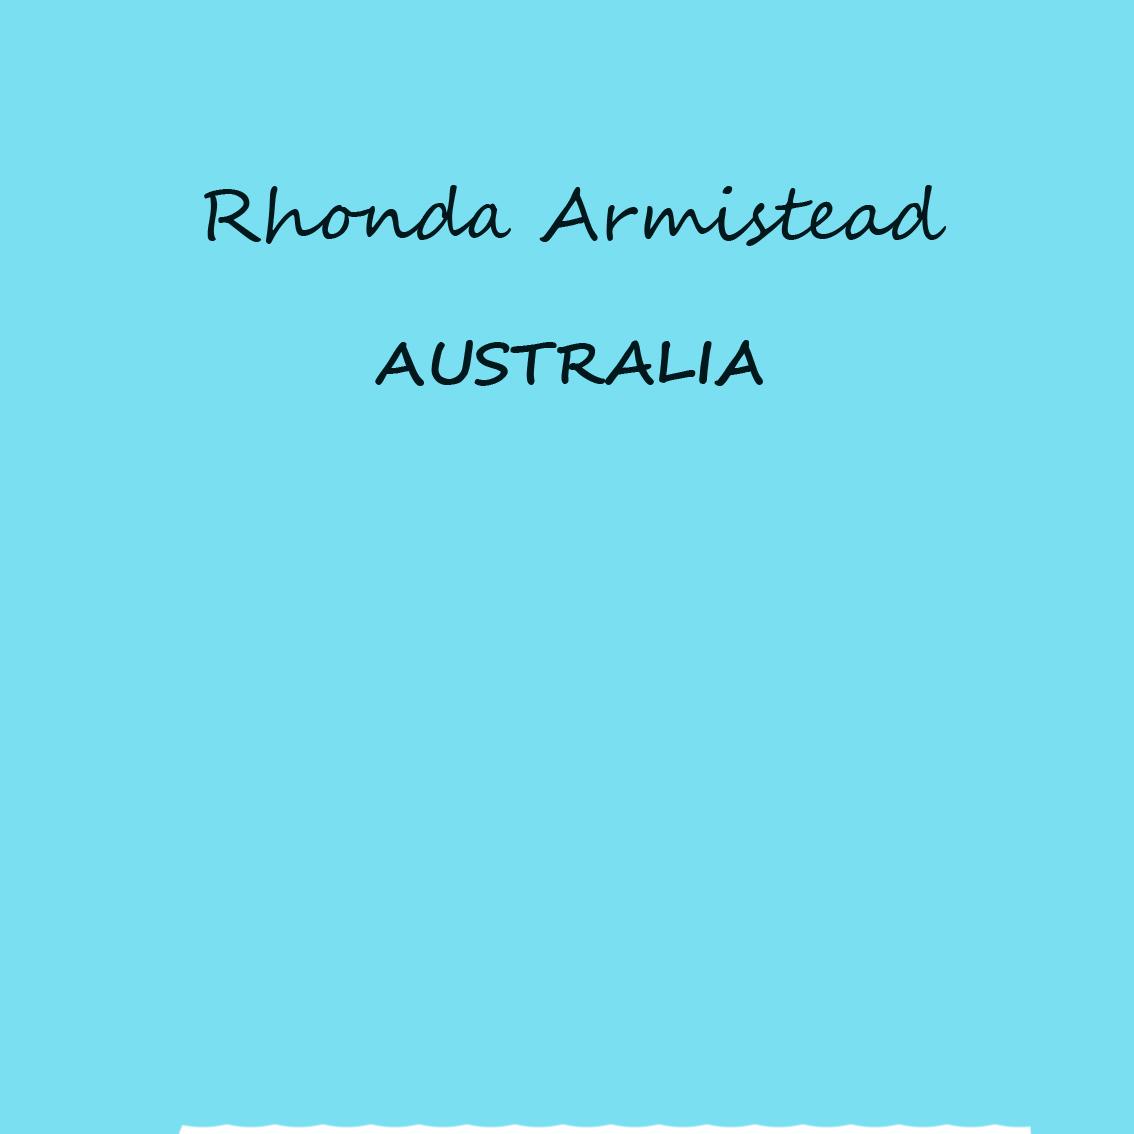 rhonda armistead Signature